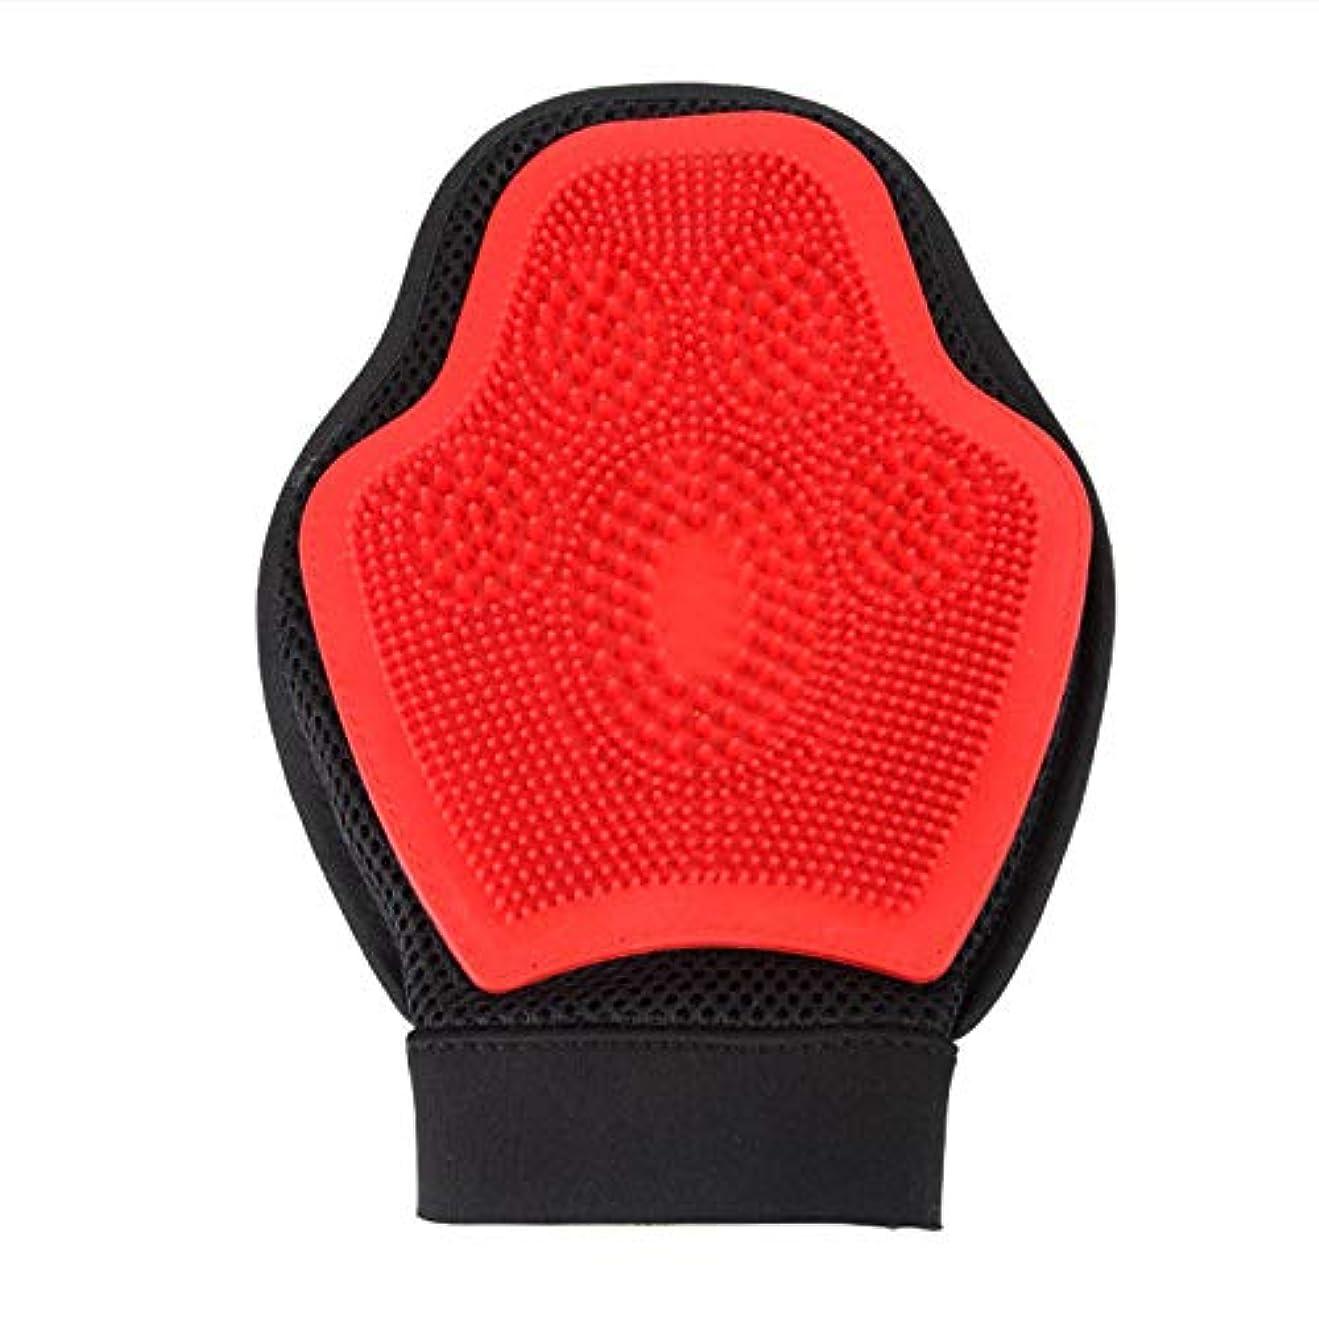 出席する記録阻害するBTXXYJP 手袋 ペット ブラシ グローブ 猫 ブラシ クリーナー 抜け毛取り ブラッシング マッサージブラシ 犬 グローブ ペット毛取りブラシ お手入れ (Color : Red, Size : L)